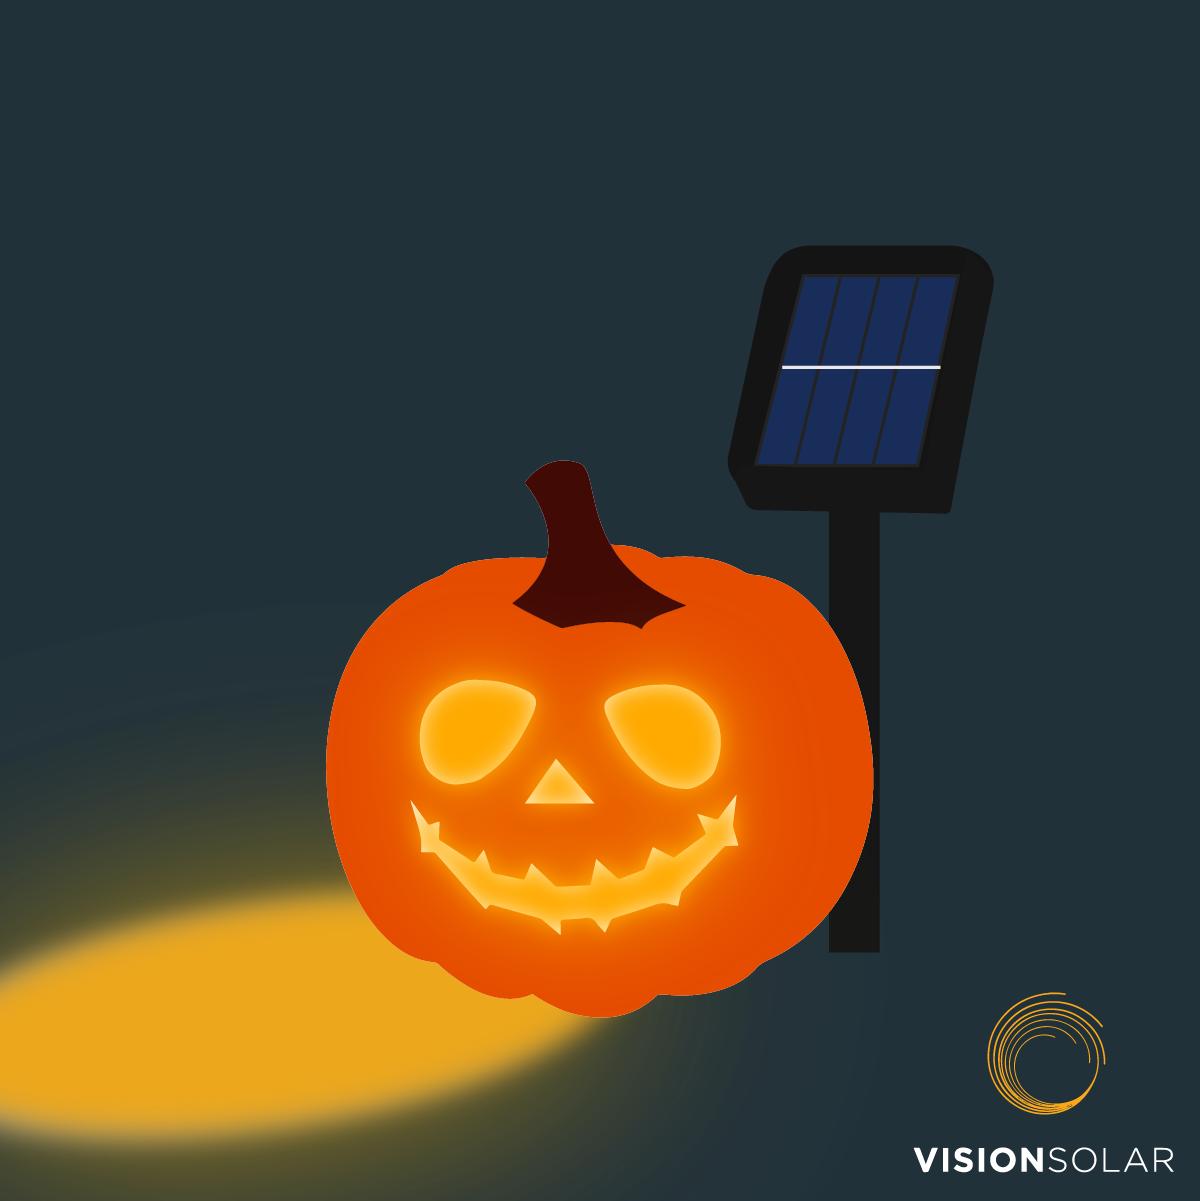 Vision Solar: Solar and Halloween